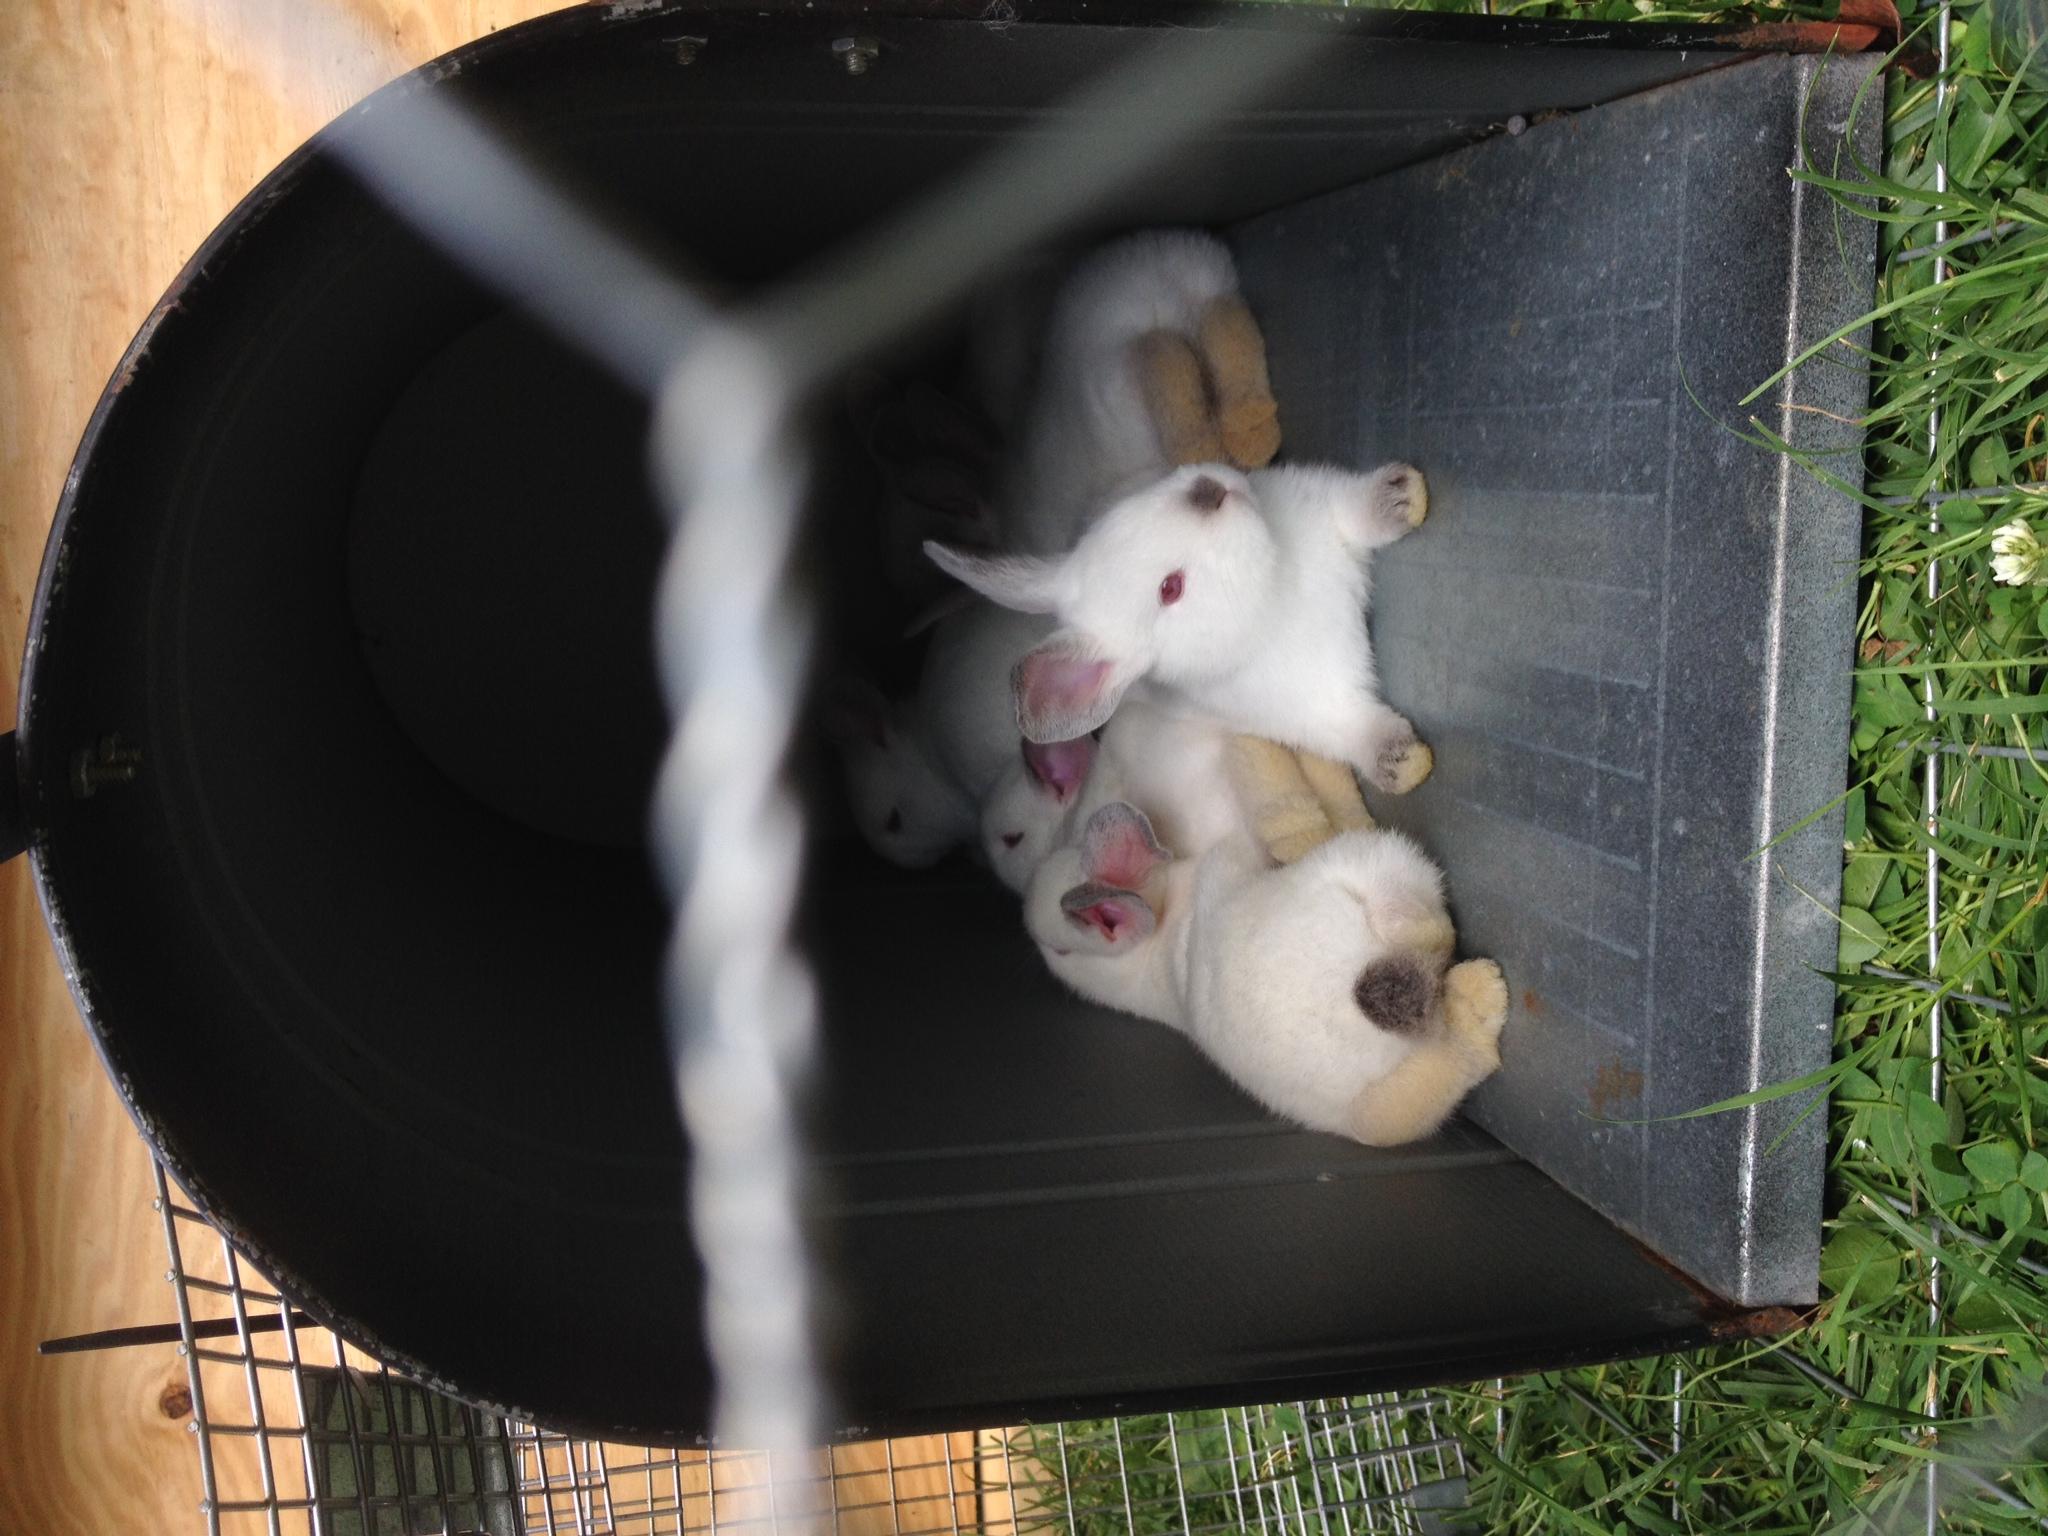 Bunnies In a Mailbox